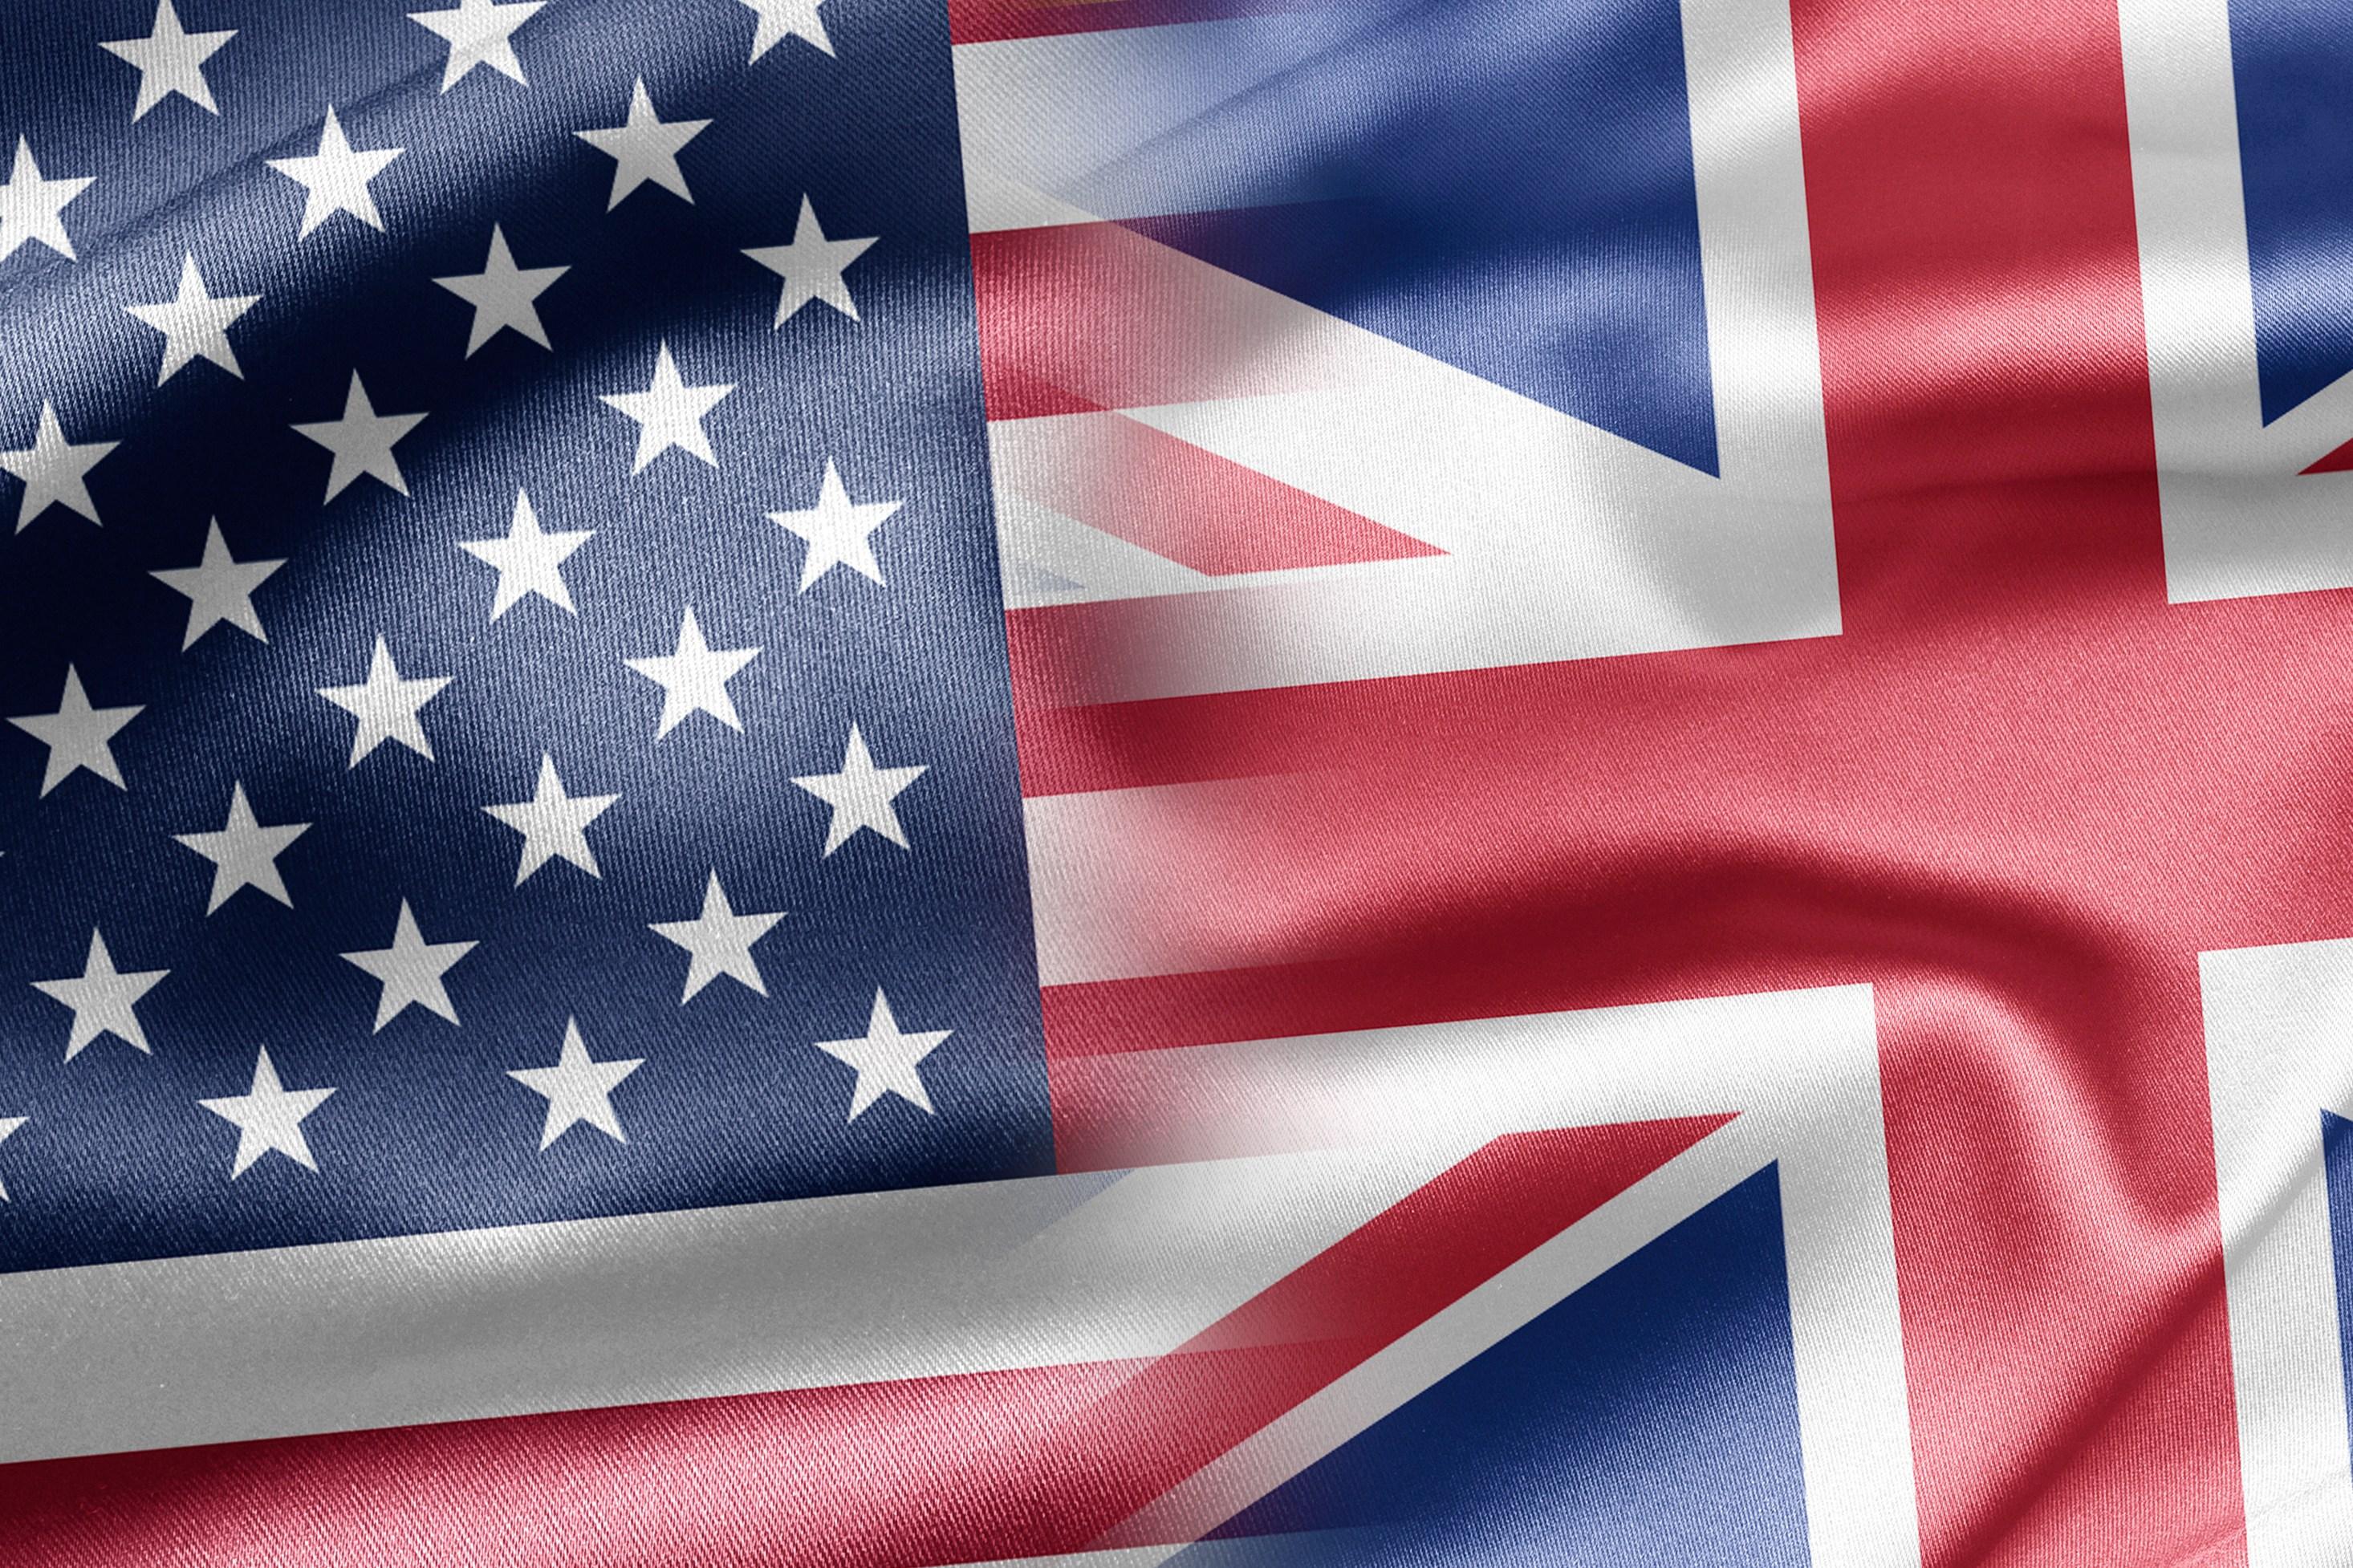 U.S. and UK.